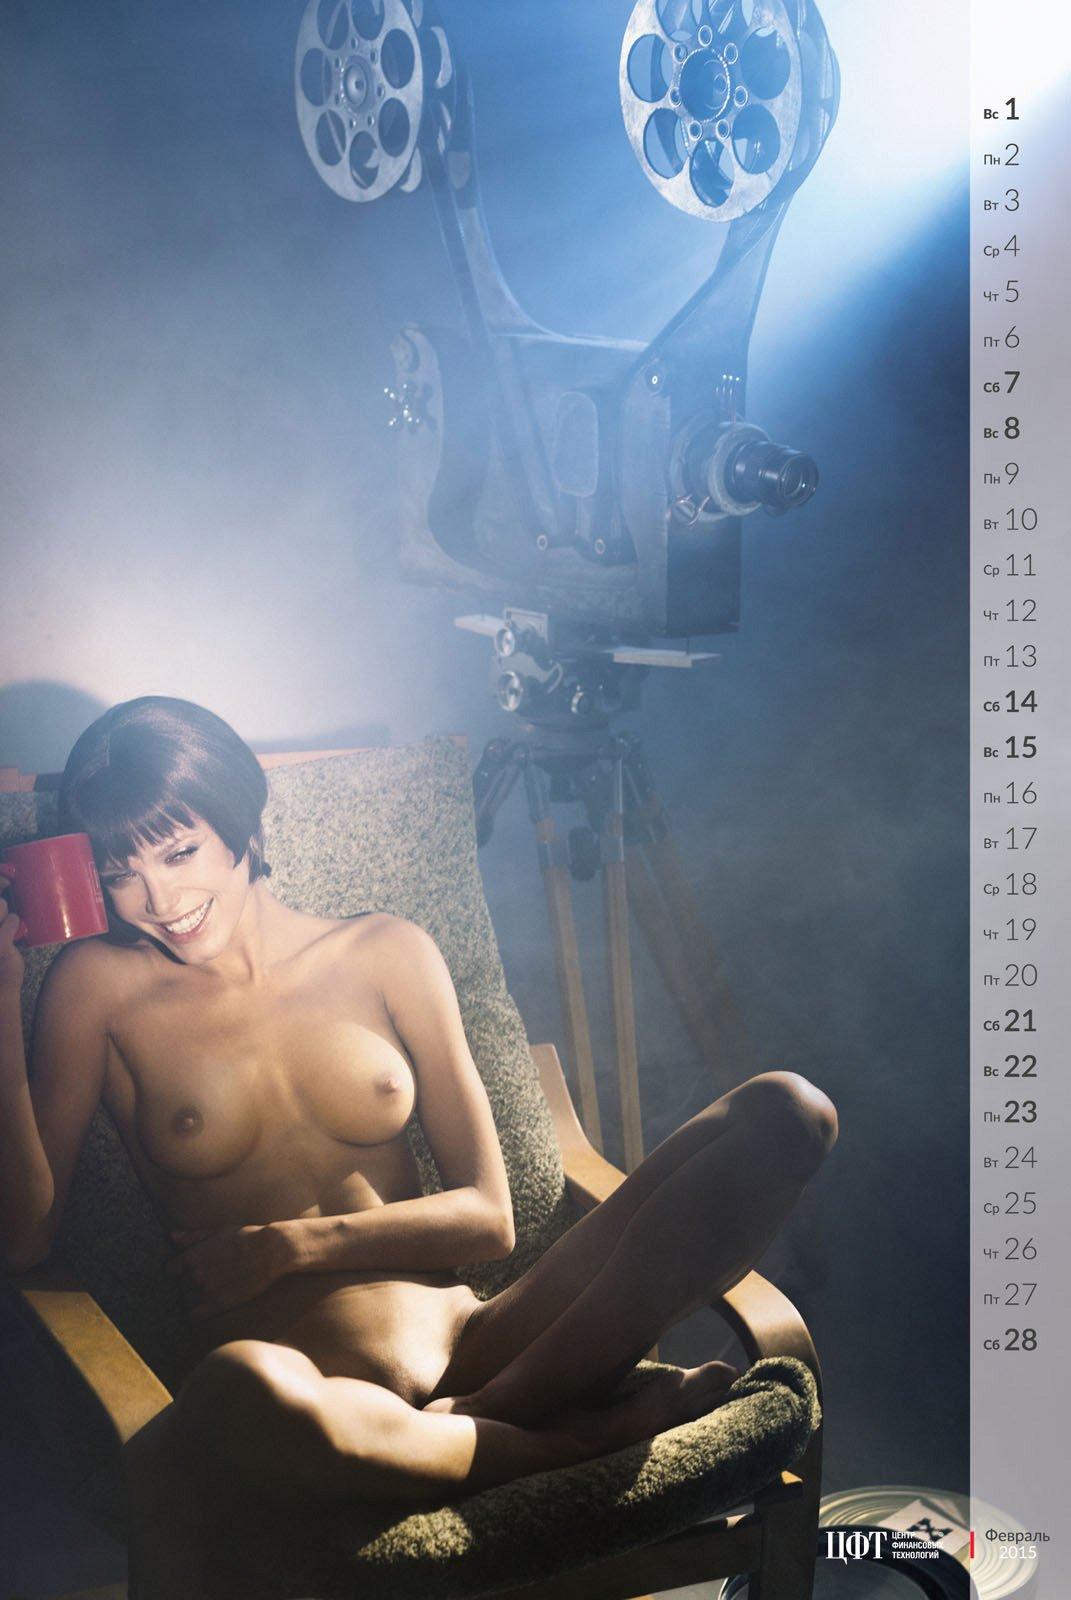 Девушка сексуально принимает ванну видео